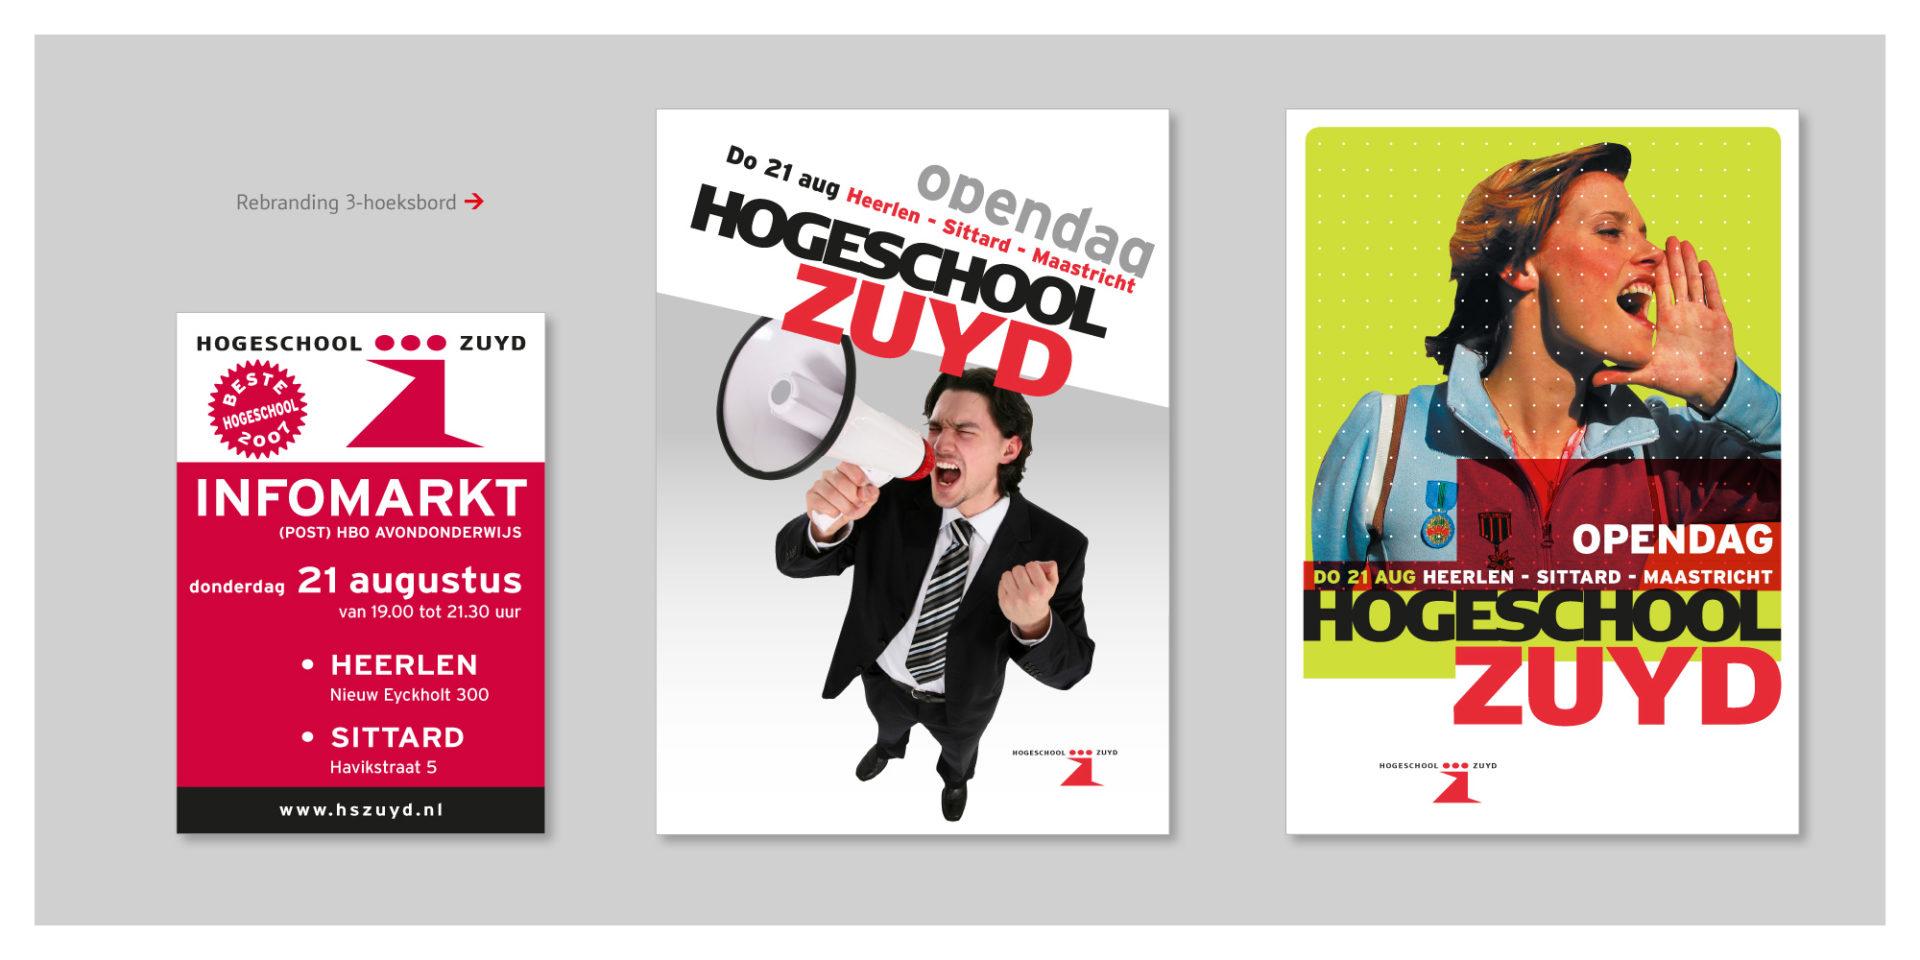 HZ Rebranding 2 - Jeroen Borrenbergs)